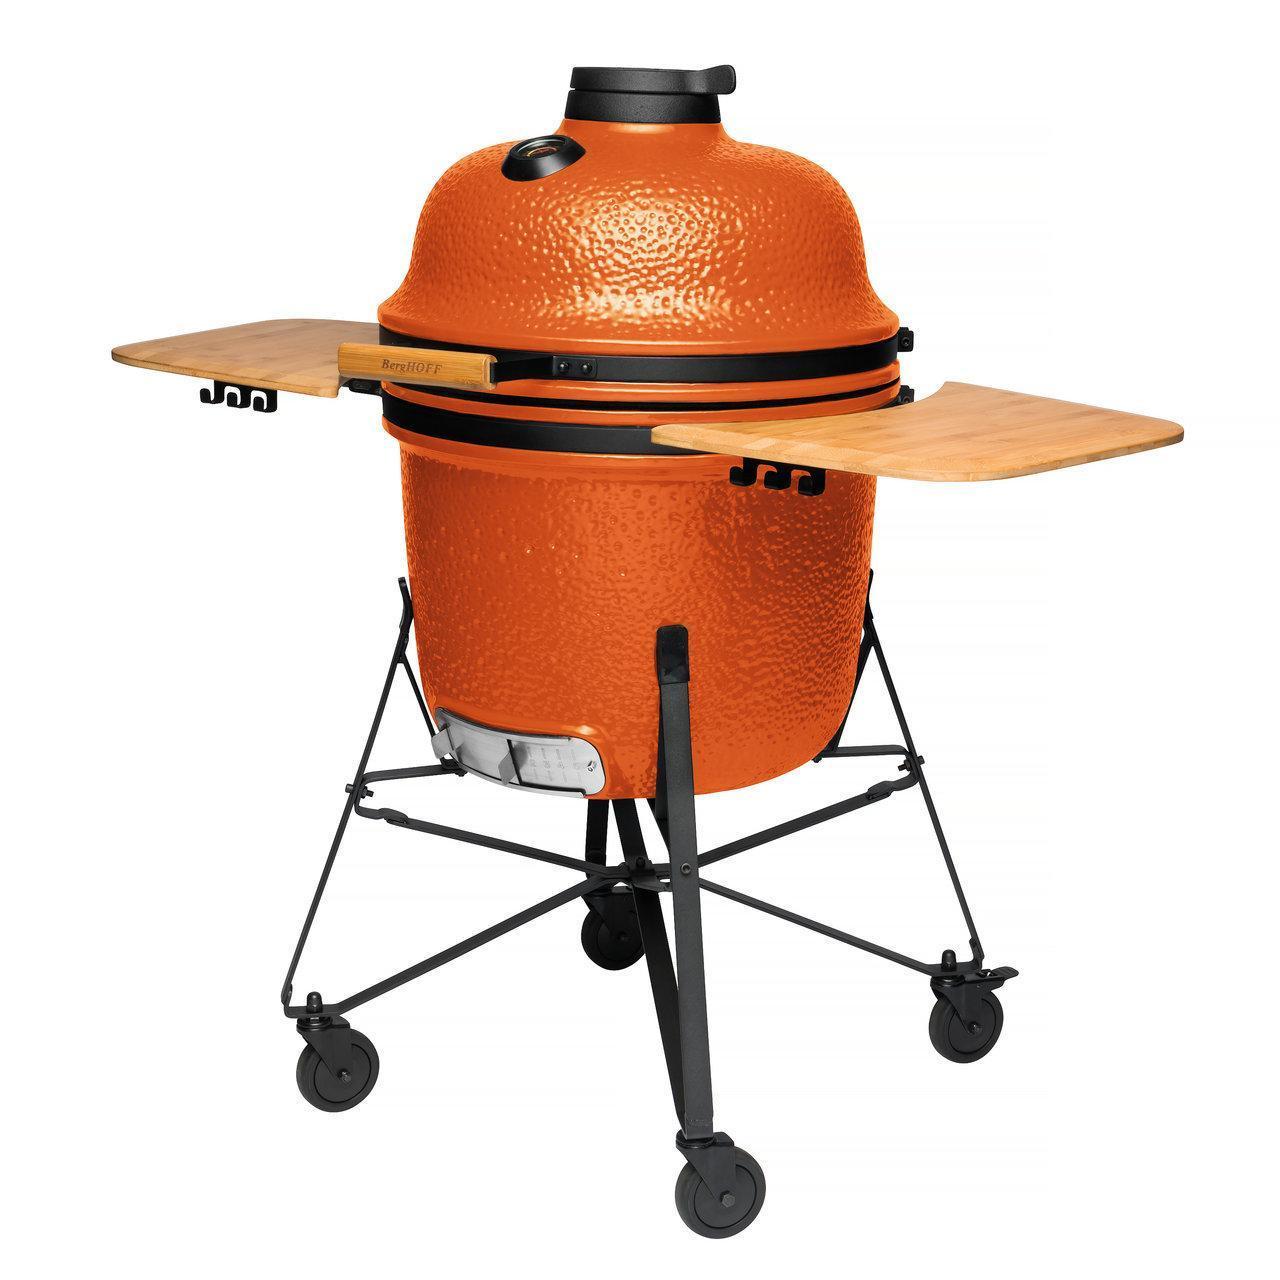 Керамический уличный гриль большой 135*58*120см (оранжевый) - 5 фото